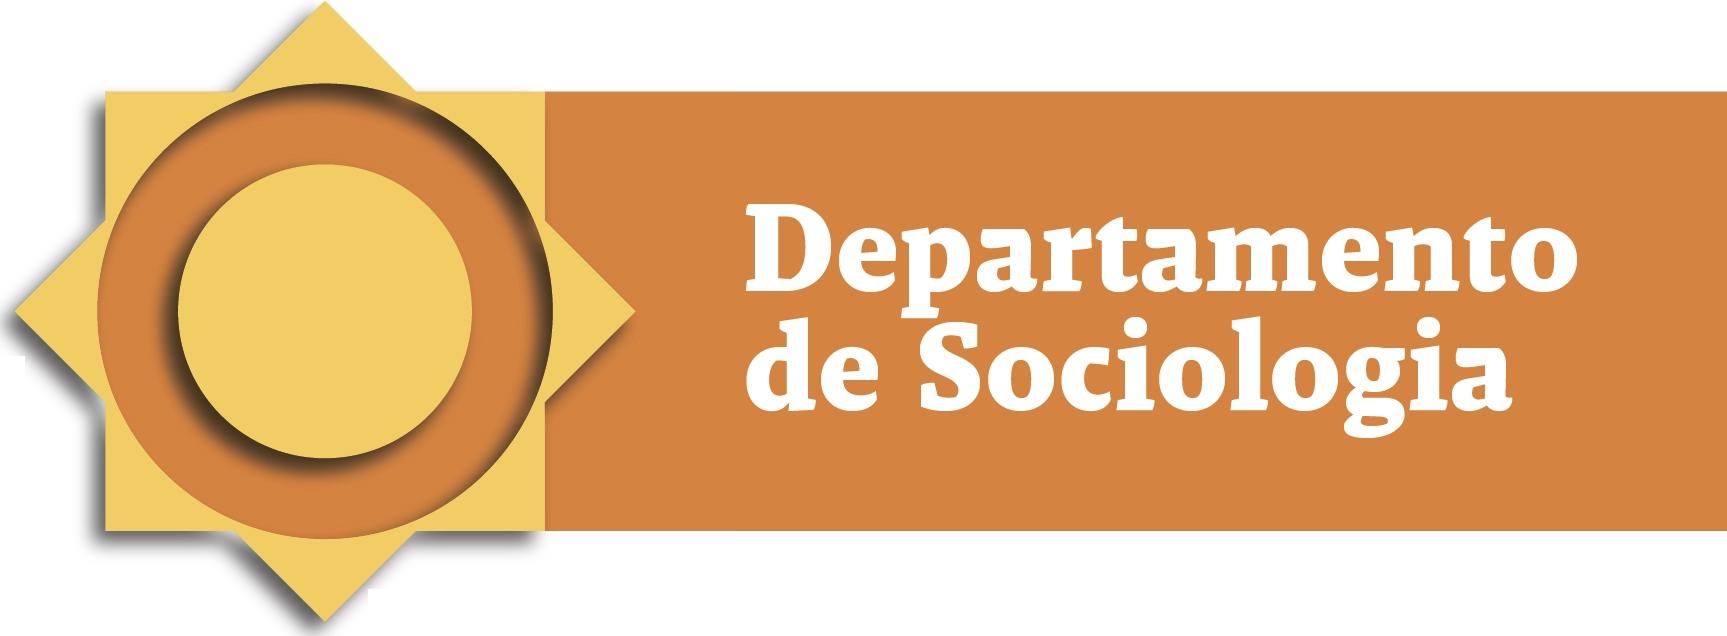 Departamento de Sociologia - UNB